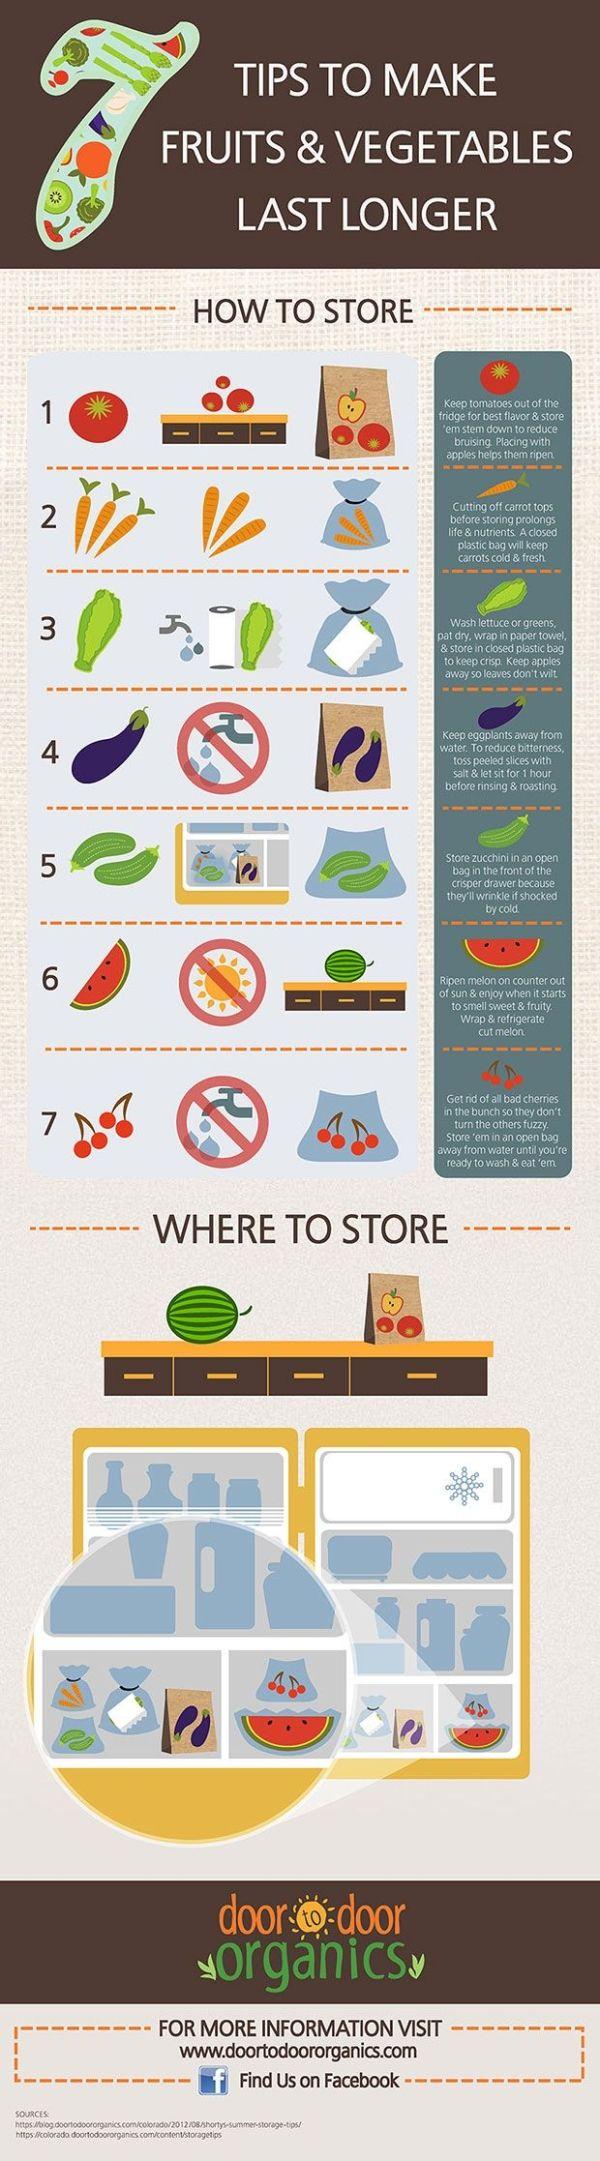 Kitchen hacks - 7 Tips to Make Fruits & Vegetables Last Longer FoodPreservation FoodStorage Canning Salada Light, Do It Yourself Food, Eat Better, Food Facts, Baking Tips, Fruits And Vegetables, Store Vegetables, Kitchen Hacks, Food Storage